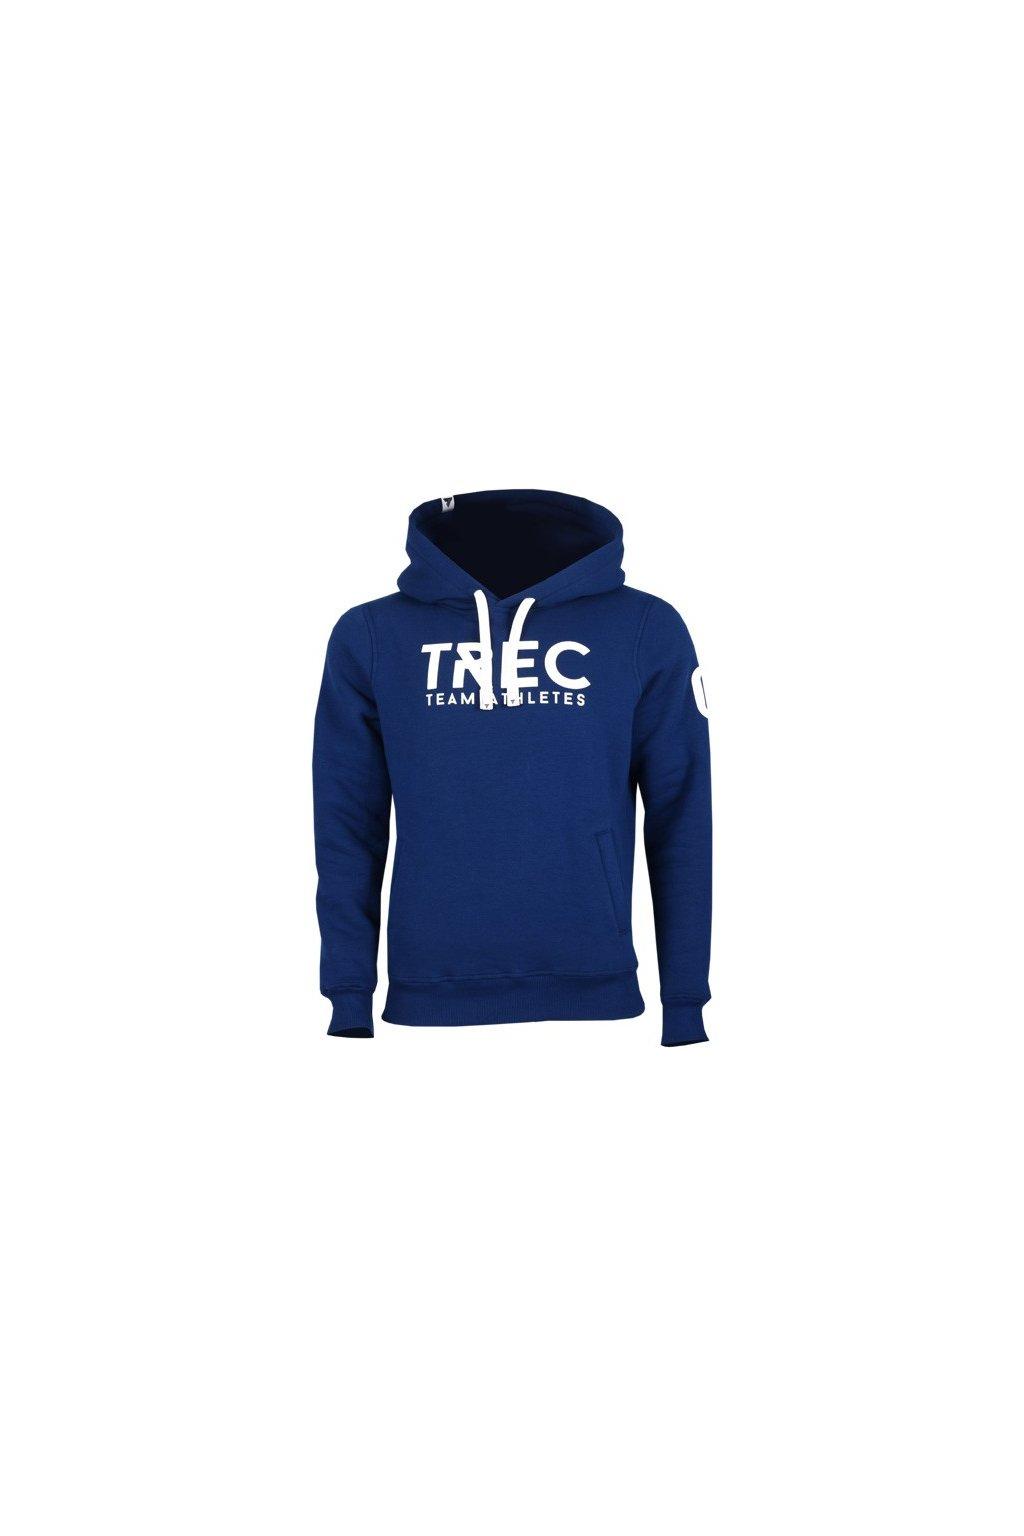 trecwear hoodie 035 5